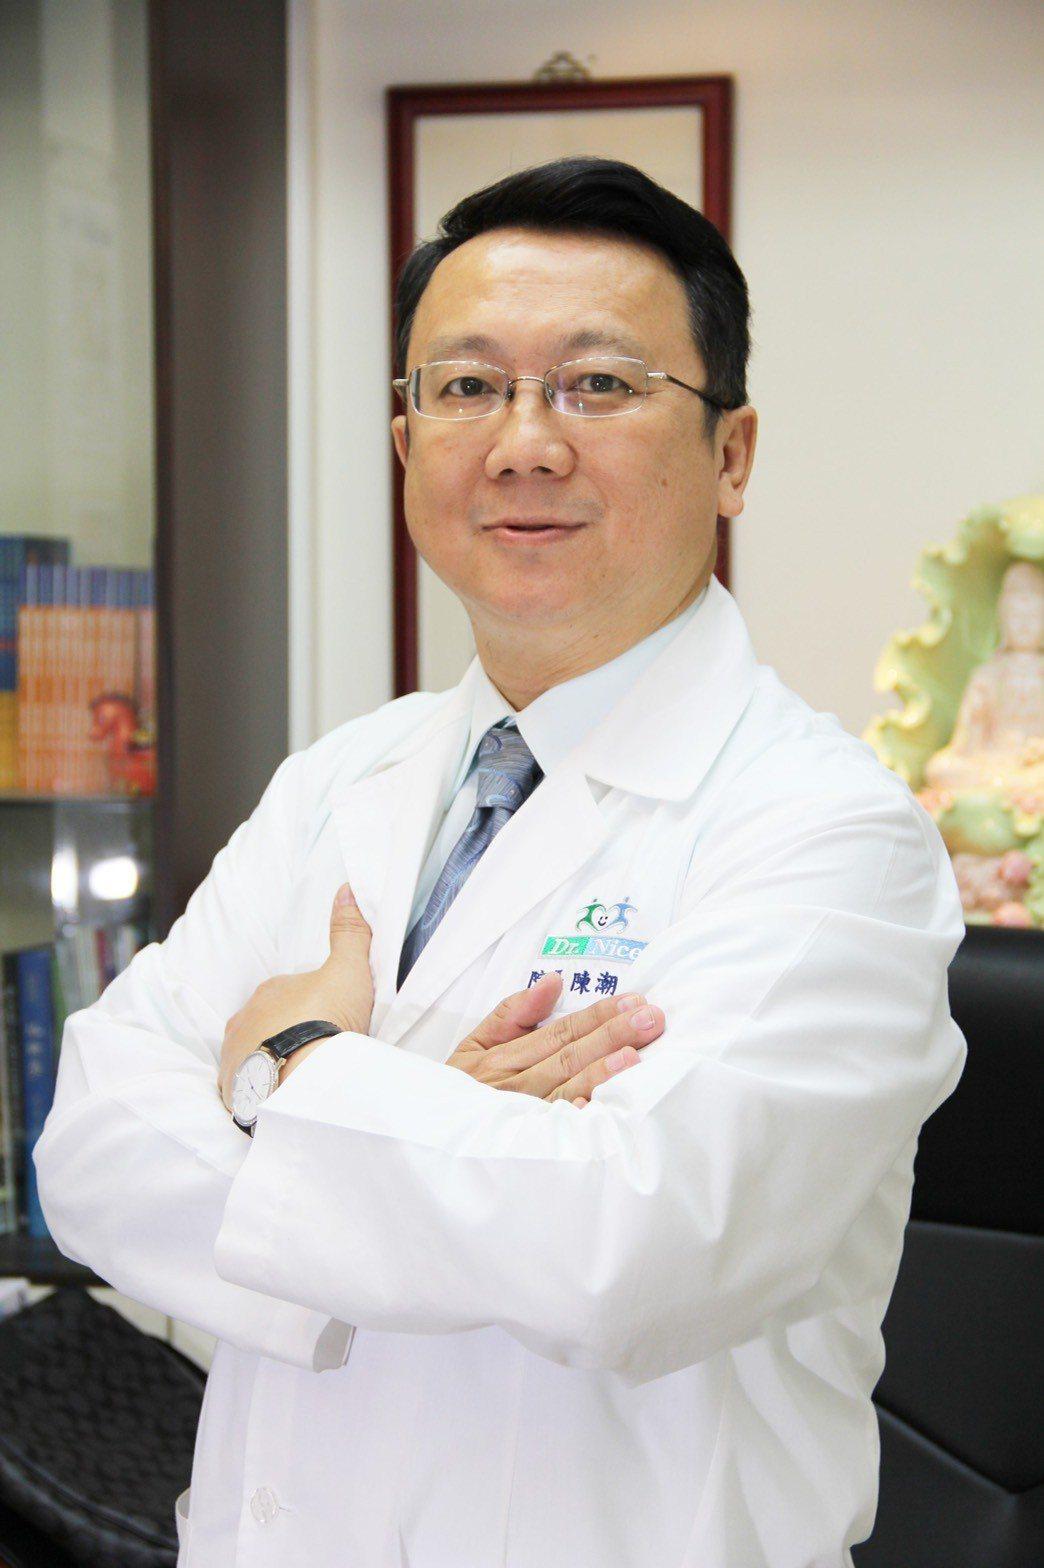 中醫師陳潮宗。 圖/陳潮宗醫師提供